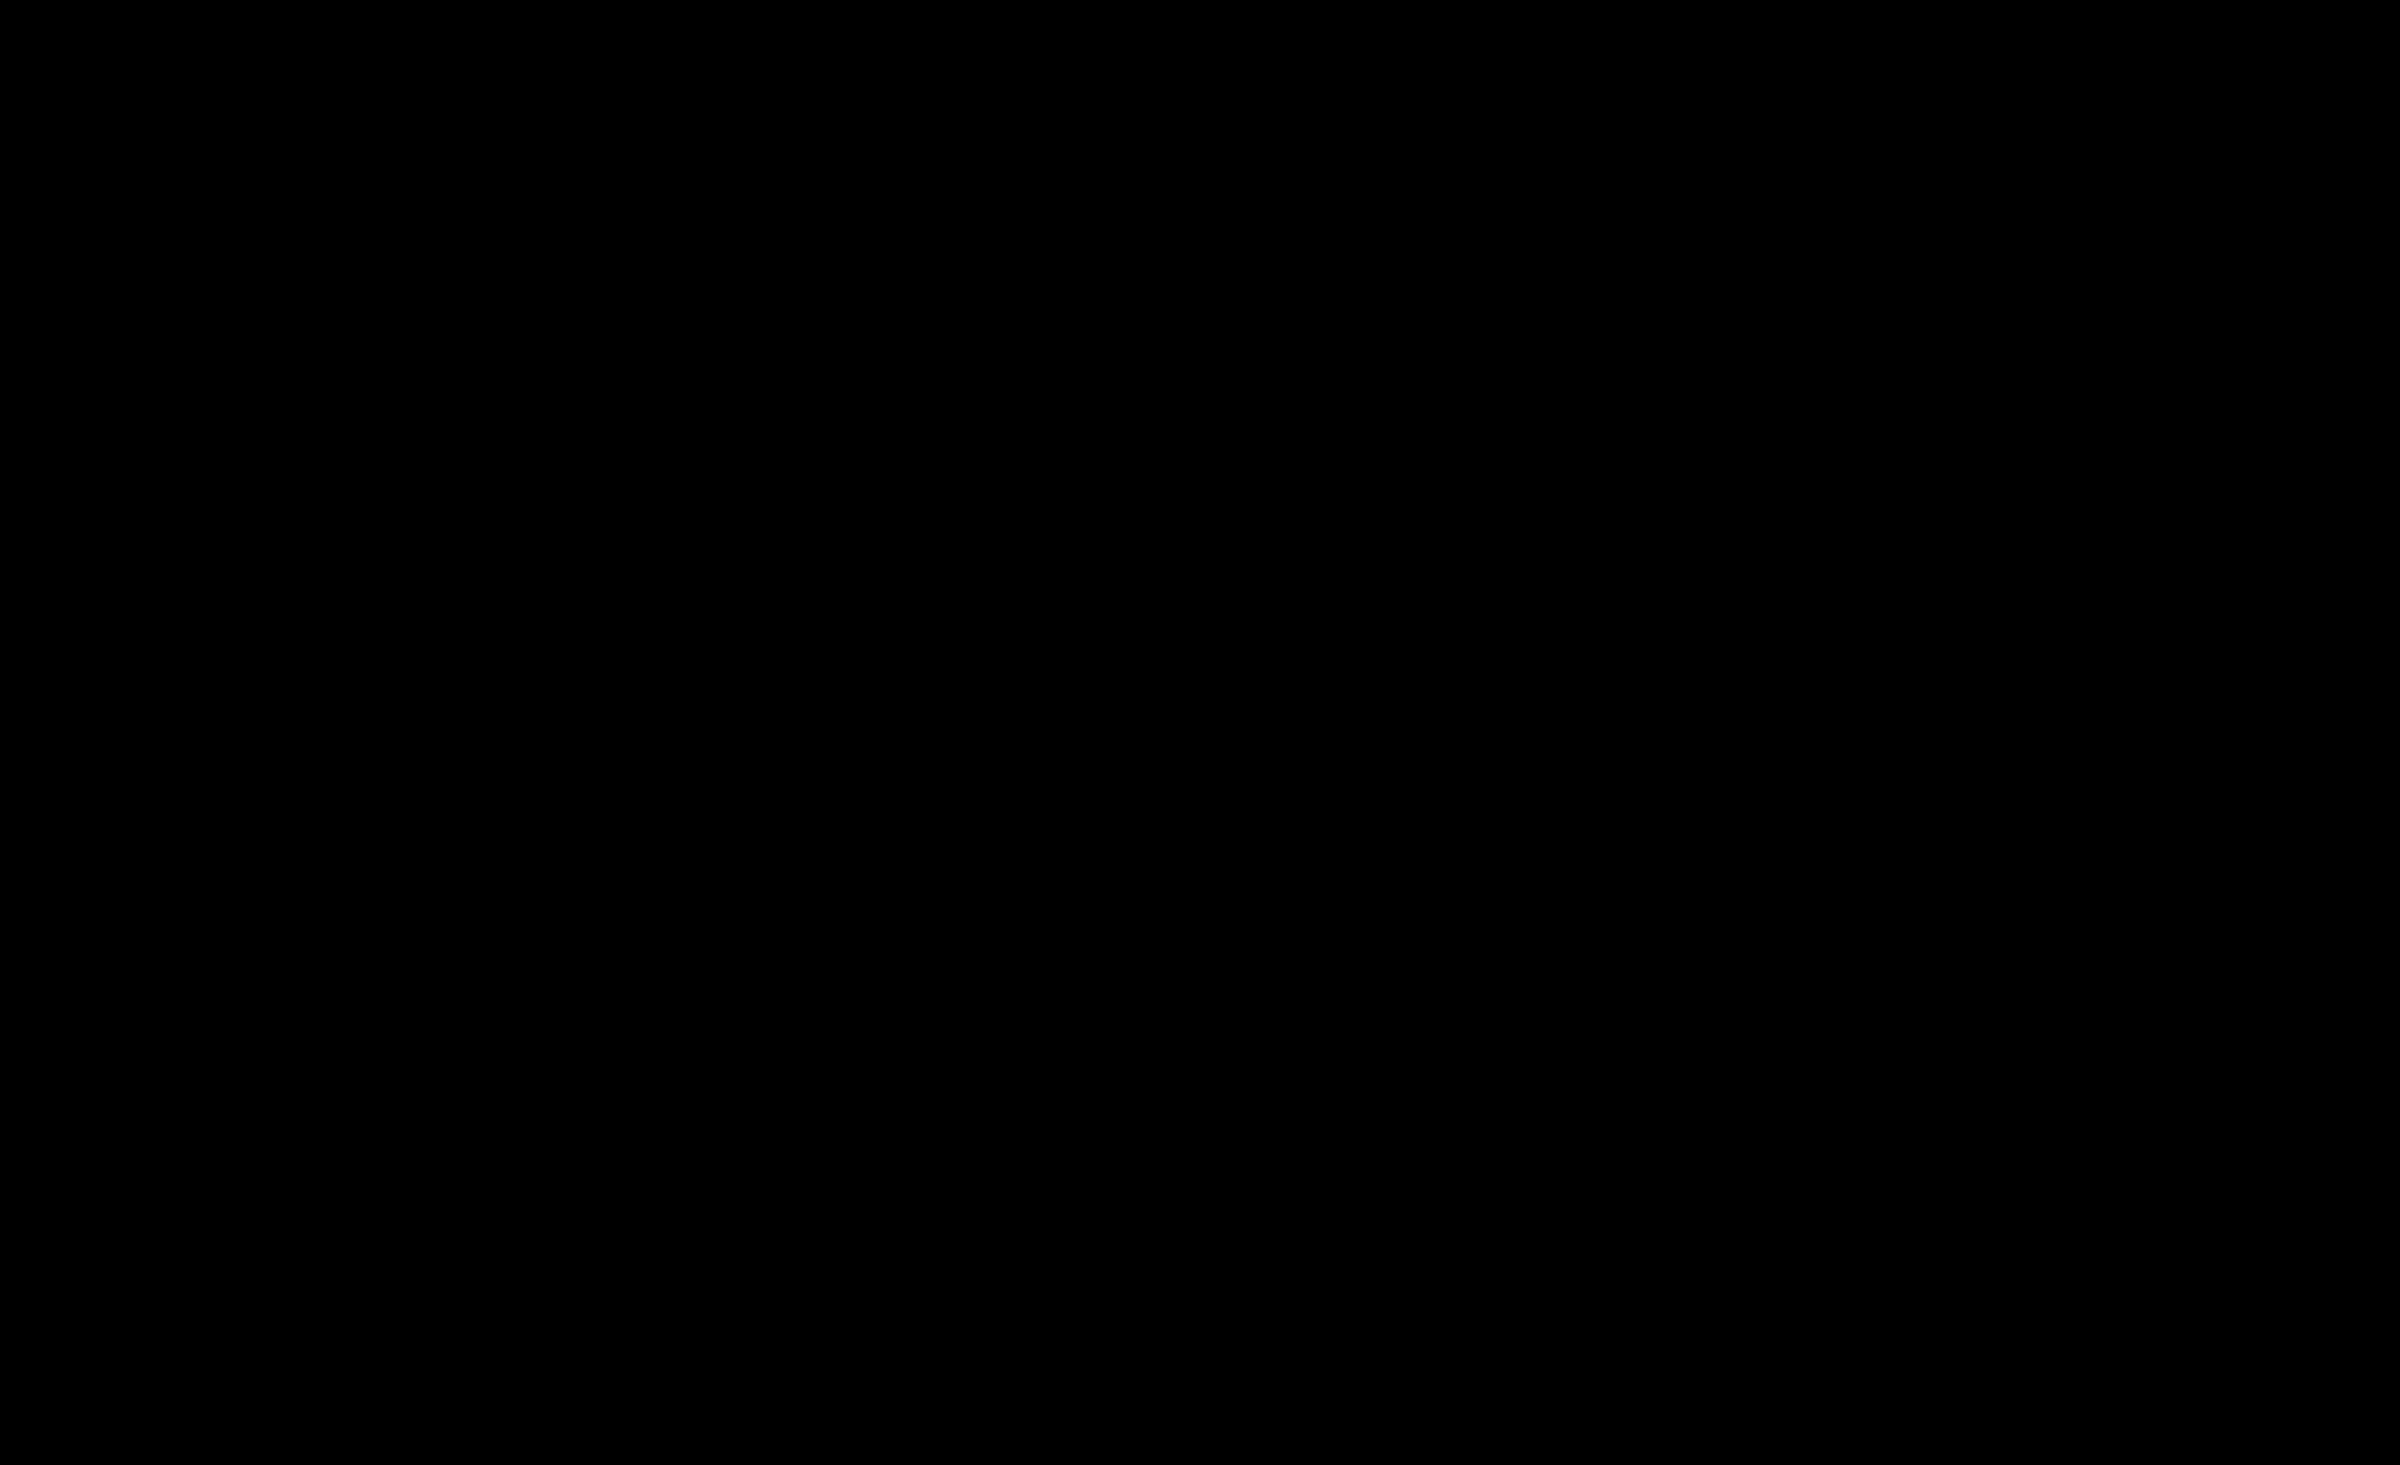 IATA Logo PNG Transparent & SVG Vector - Freebie Supply